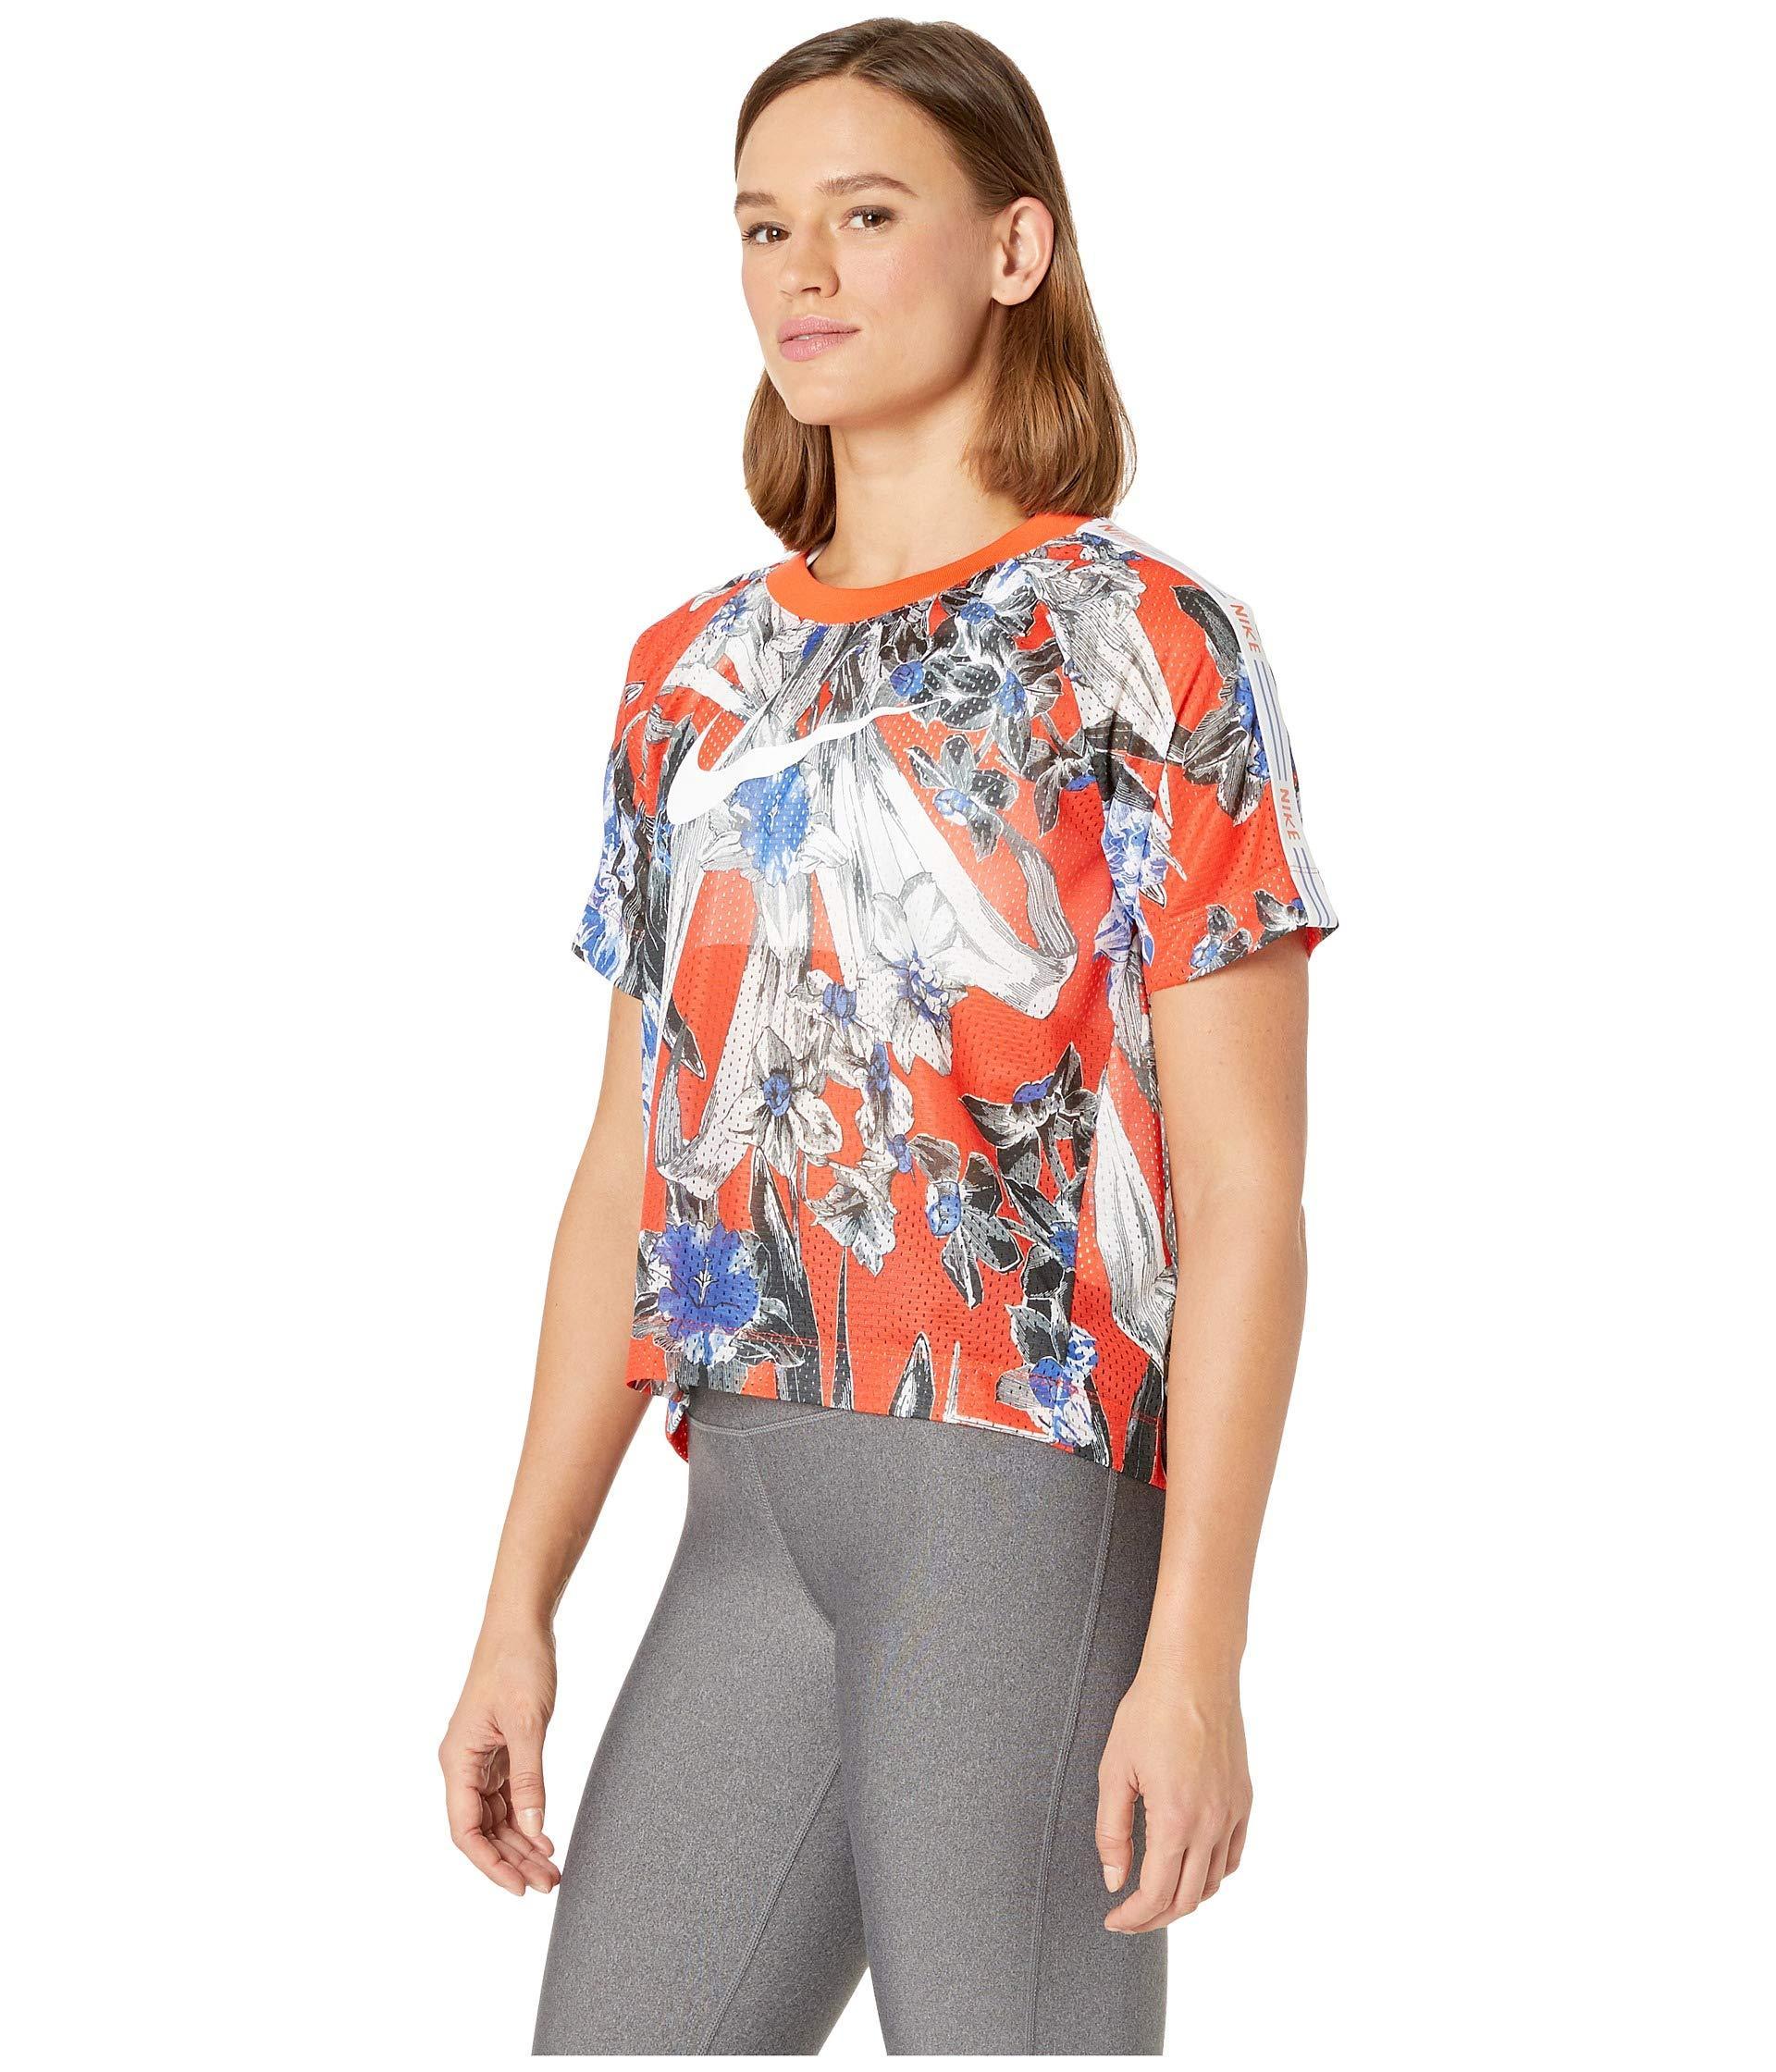 Nike Synthetic Sportswear Hyper Femme Short Sleeve All ...